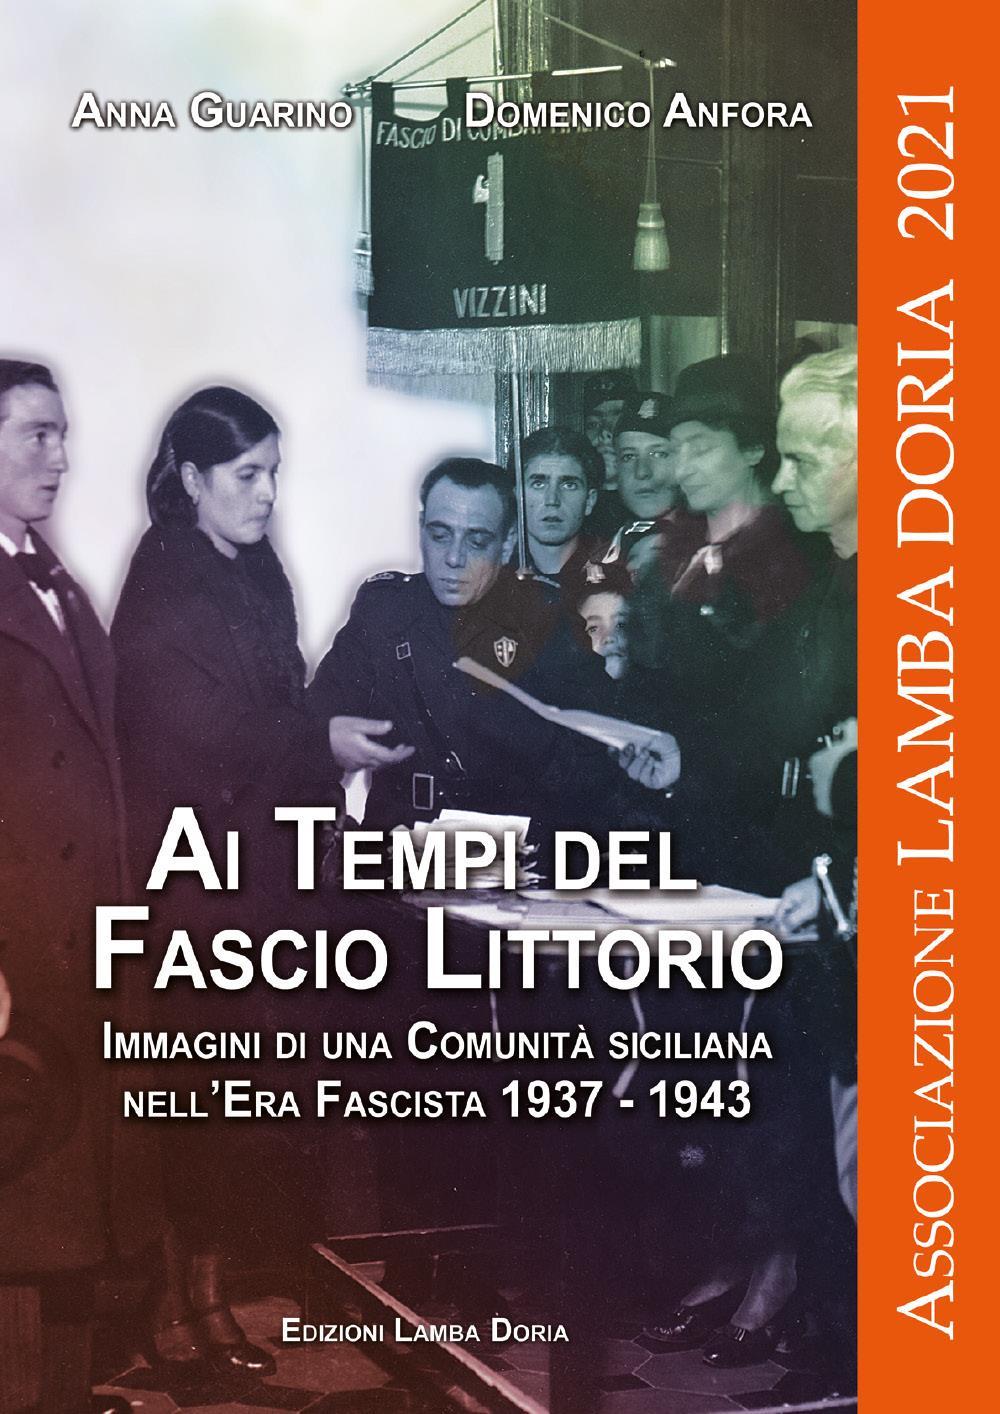 Ai tempi del fascio littorio. Immagini di una comunità siciliana nell'Era Fascista 1937-1943